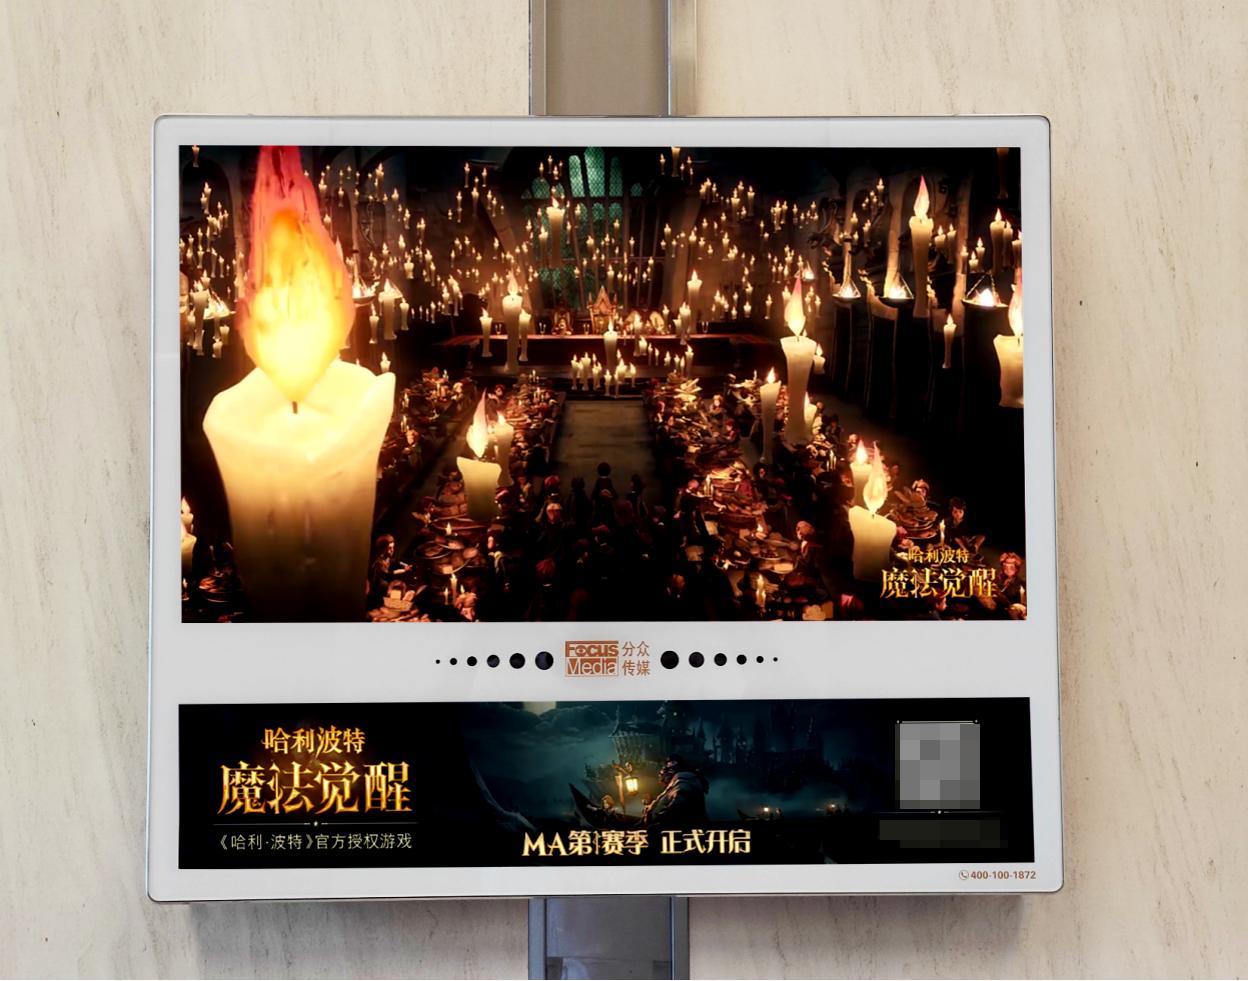 《哈利波特》手游霸屏分众,开启IP改编和卡牌游戏新思路